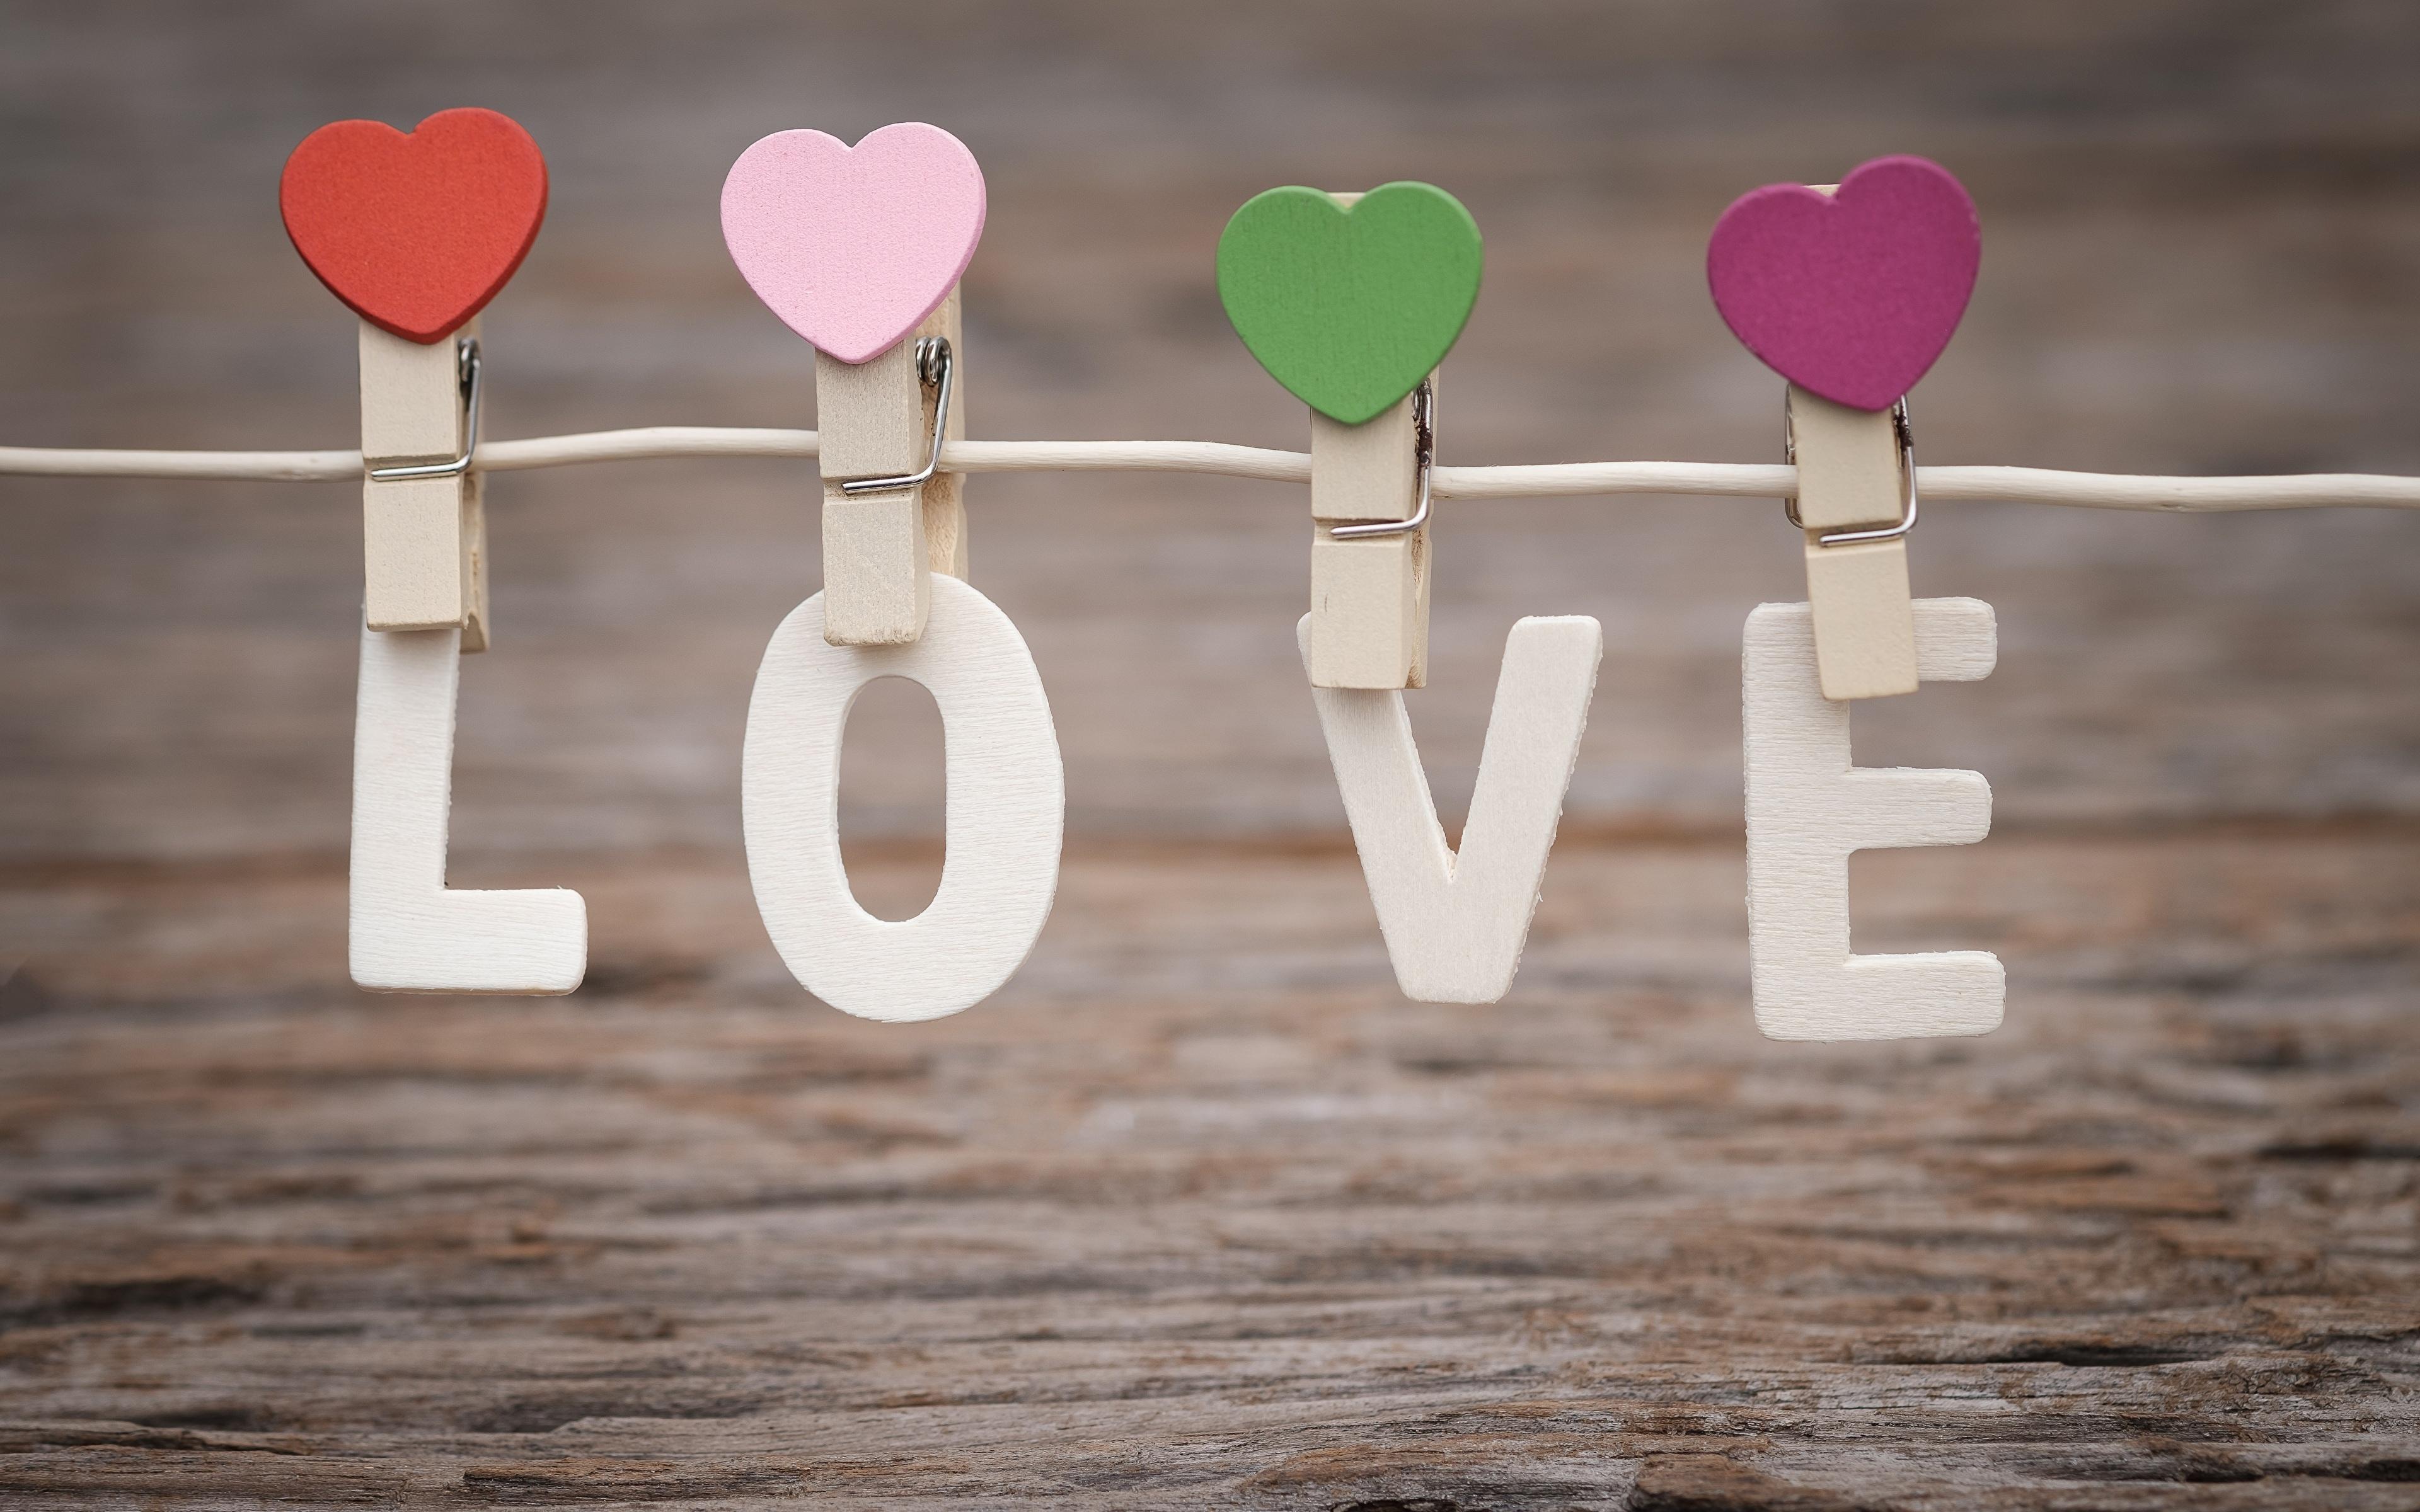 Фотография День святого Валентина английская Сердце Прищепки Слово - Надпись 3840x2400 День всех влюблённых Английский инглийские серце сердца сердечко слова текст